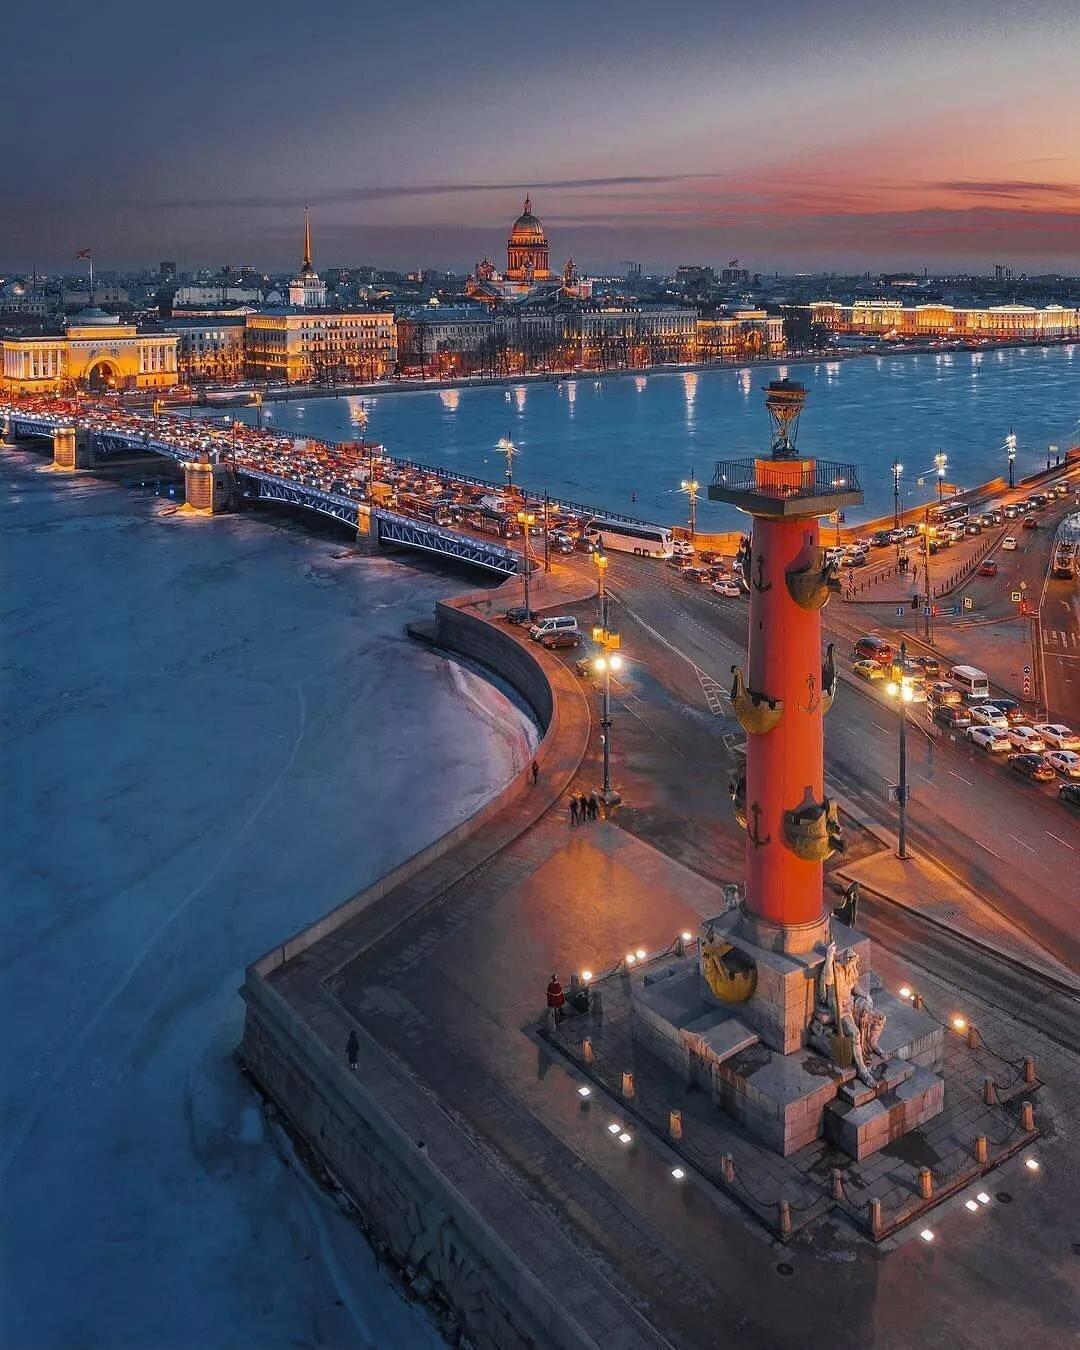 технические характеристики картинки города санкт петербурга настоящее время эффективность